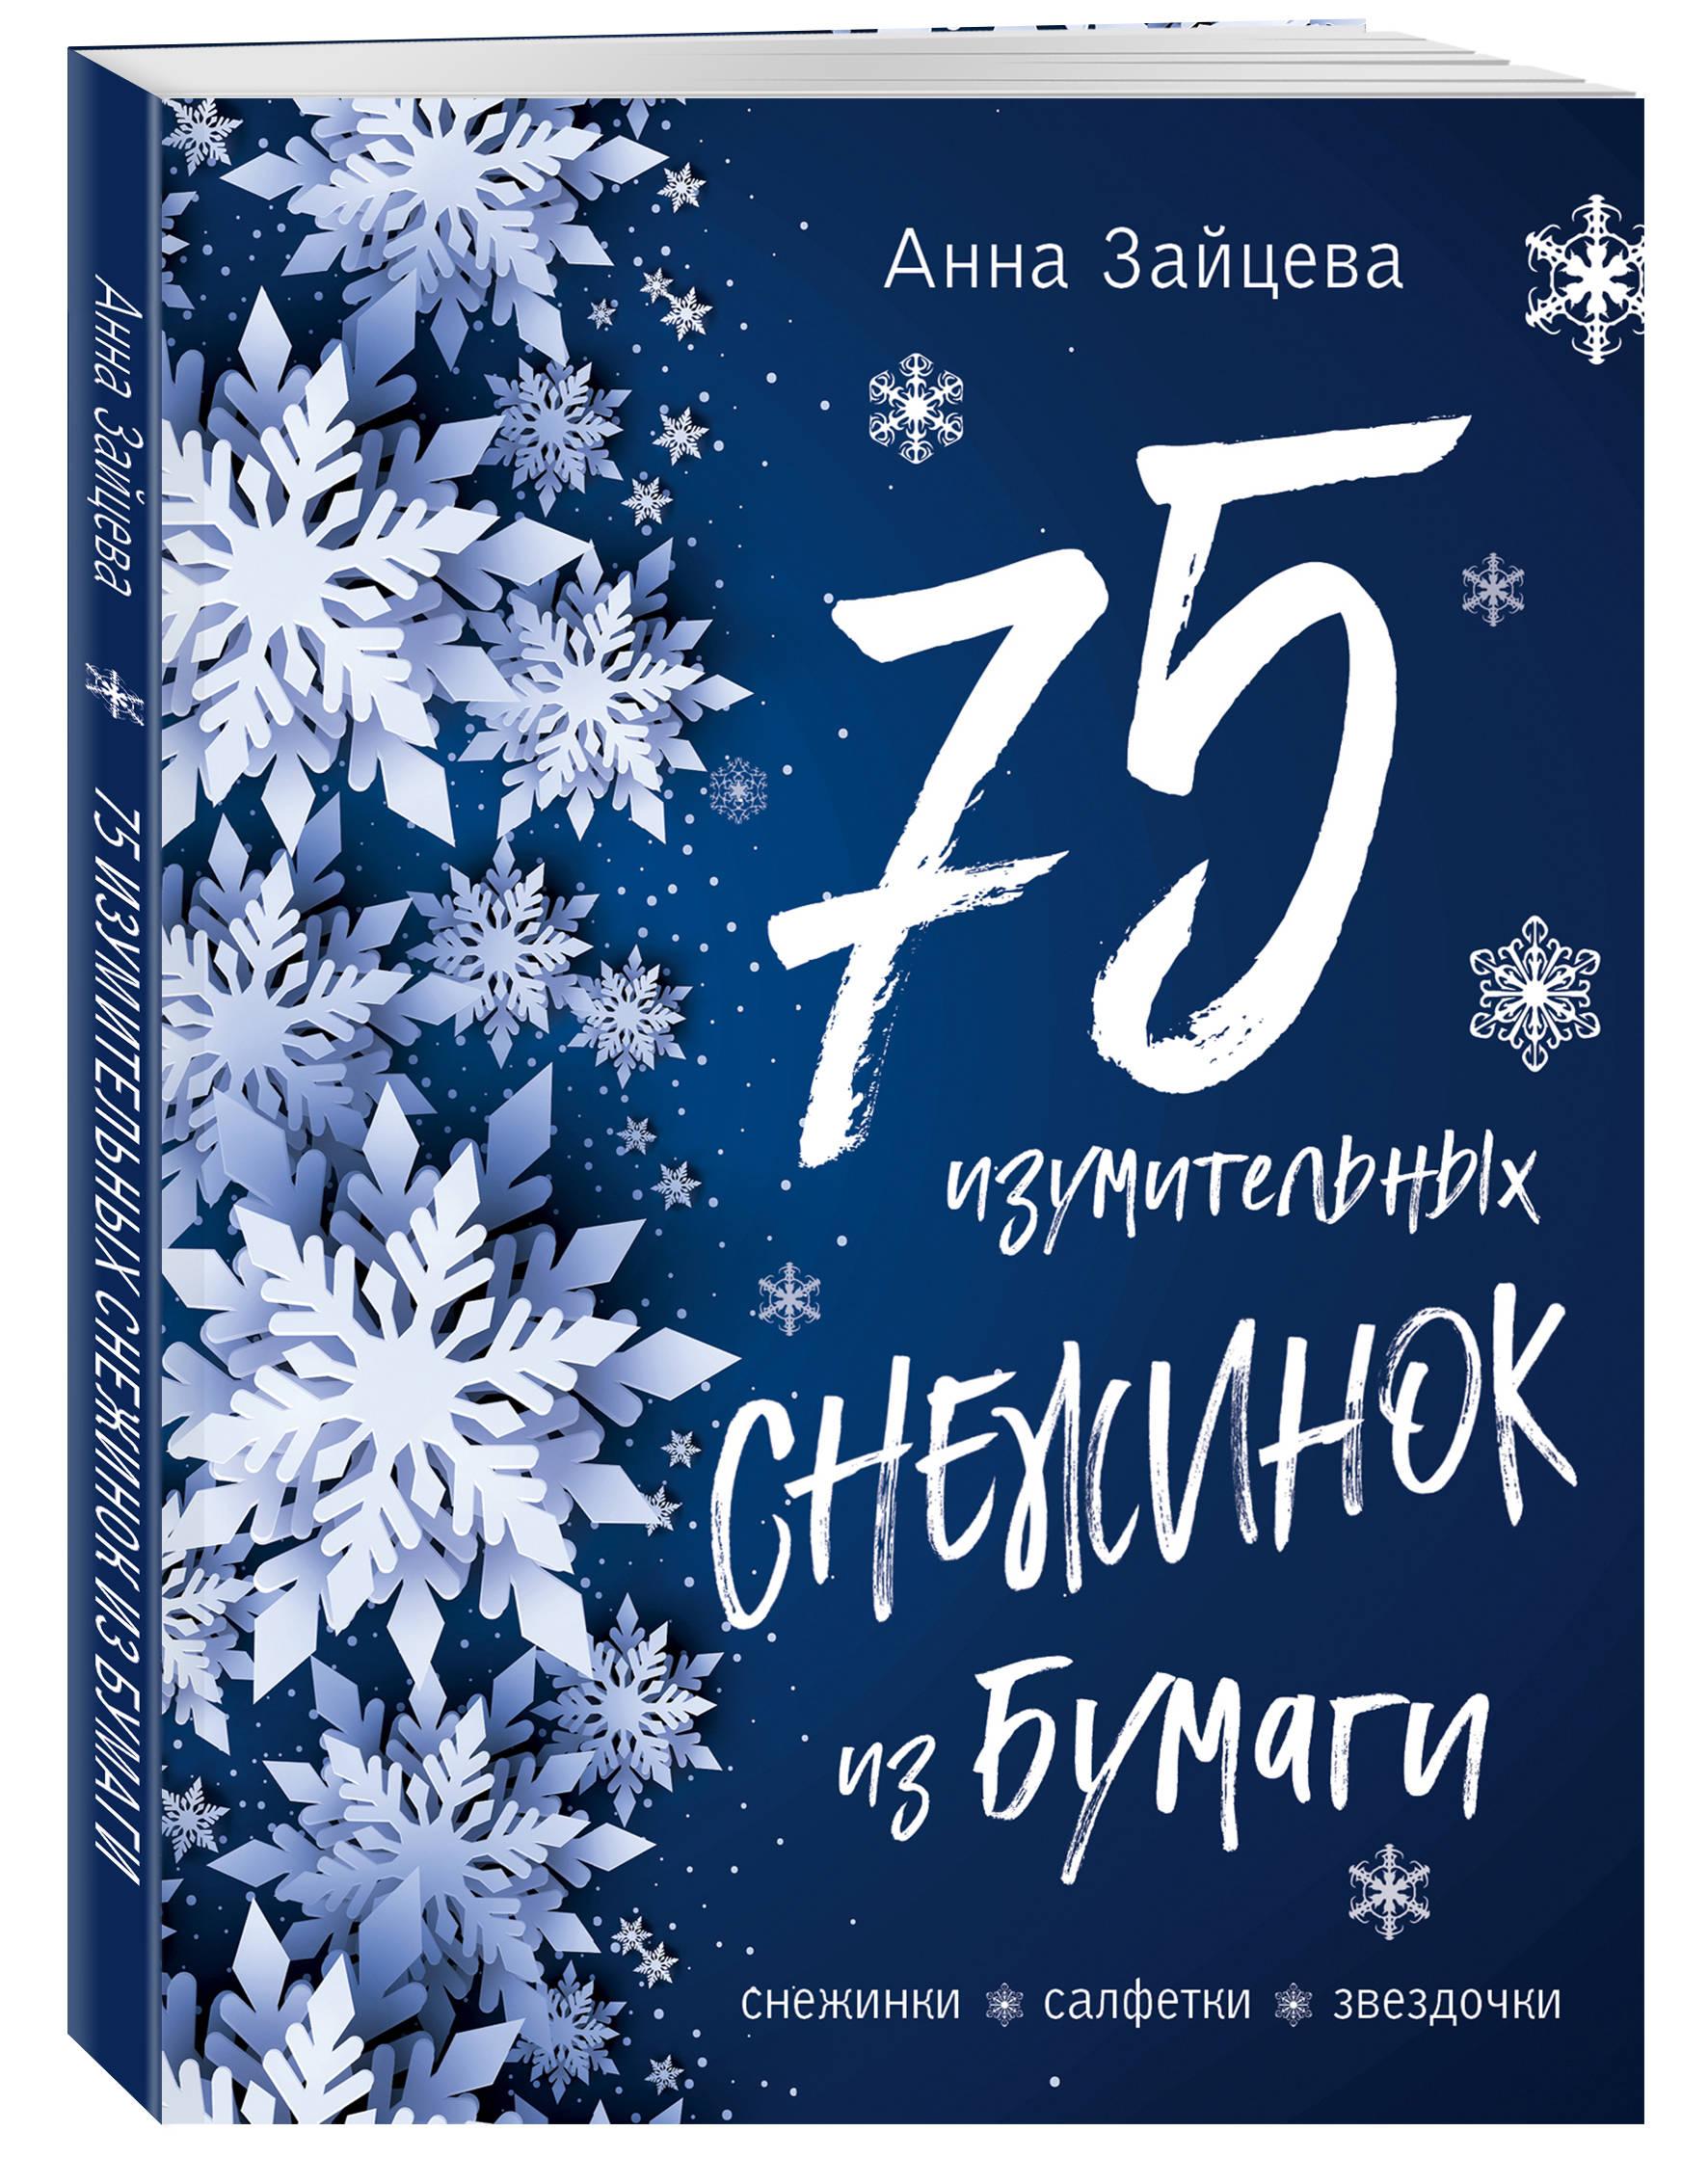 Анна Зайцева 75 изумительных снежинок из бумаги (новое оформление) [синяя]